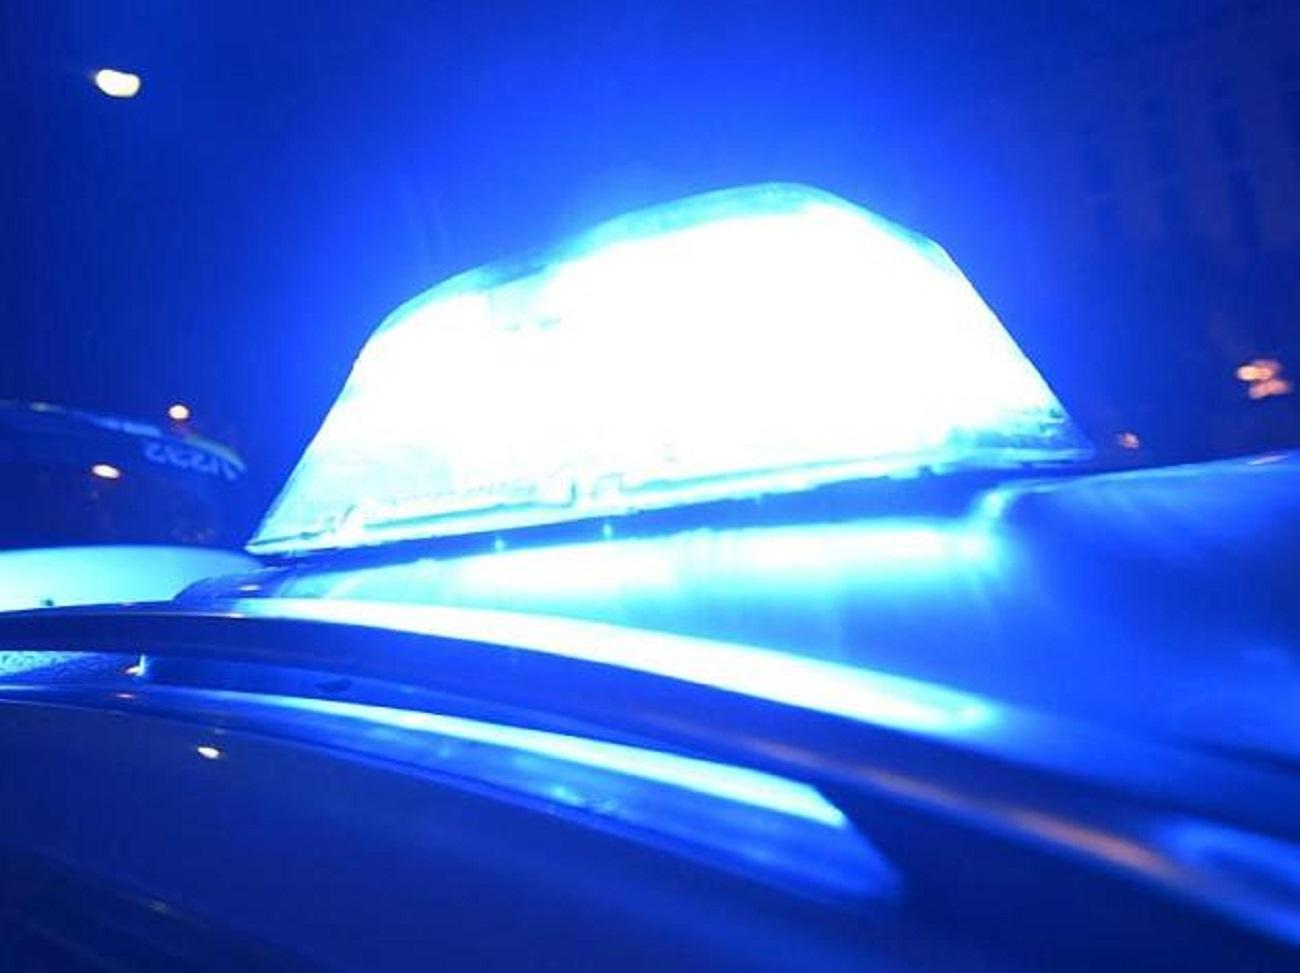 ВСтаврополе пешеход попал под колеса автобуса